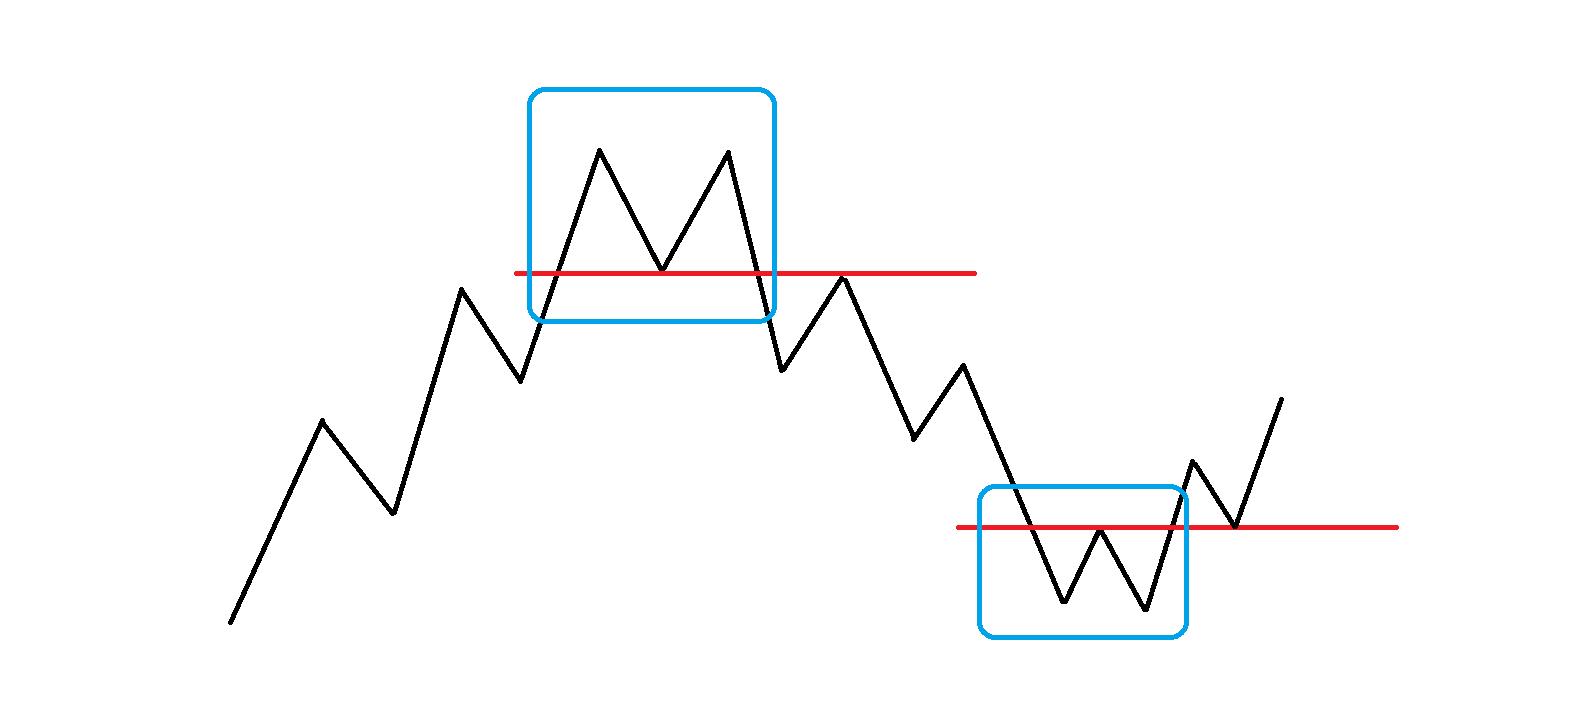 チャートパターンダブルトップダブルボトム模式図